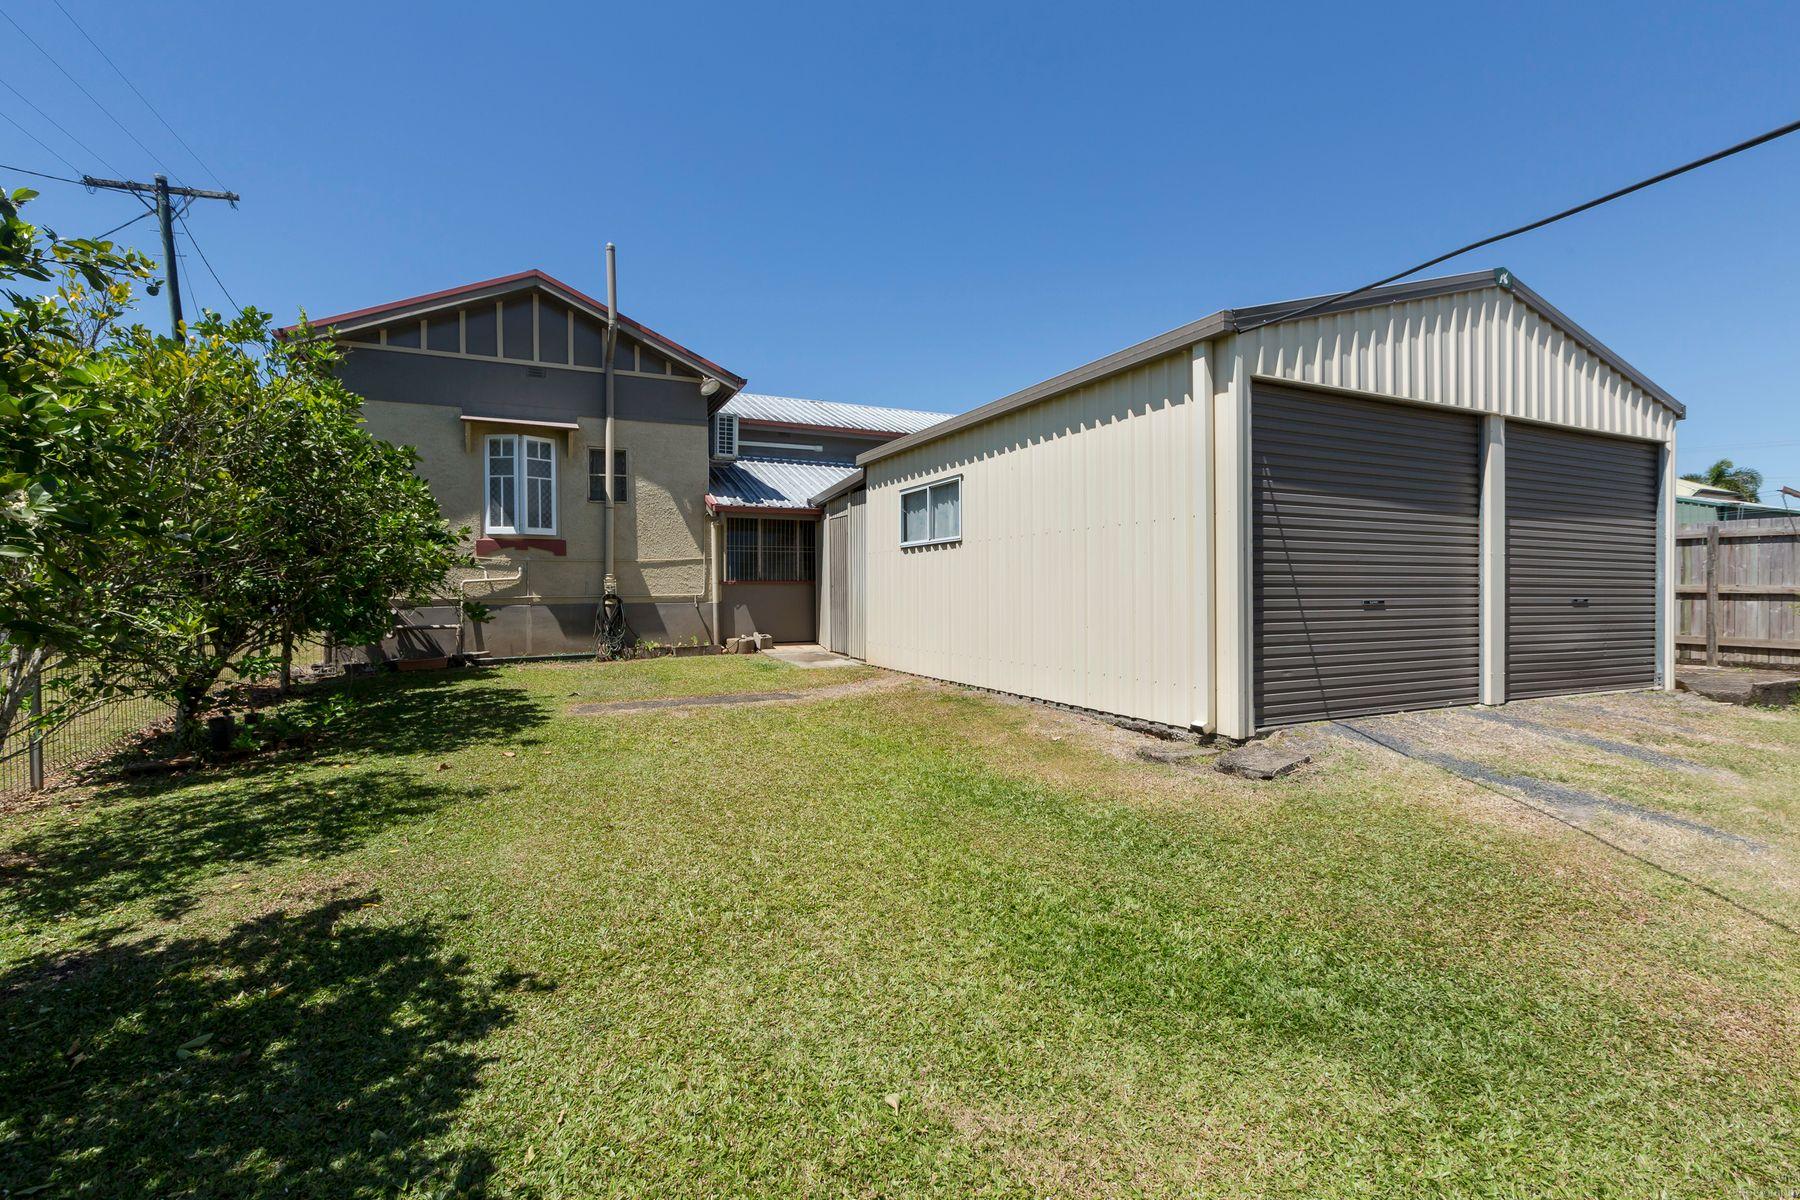 4 Velution Street, Innisfail, QLD 4860